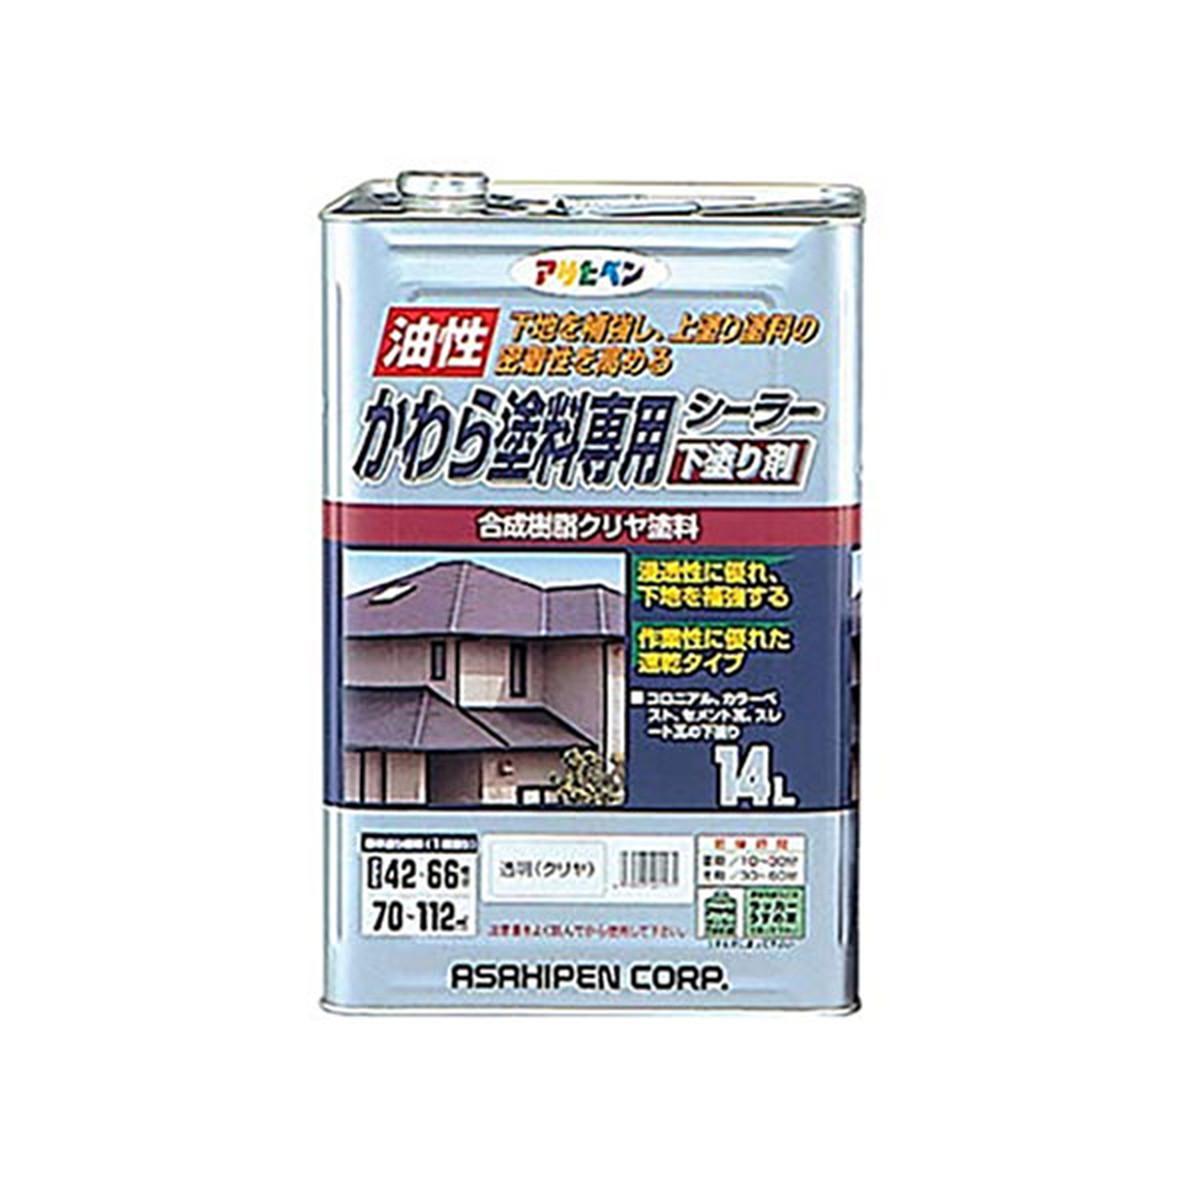 アサヒペン かわら塗料専用シーラー 14L 透明(クリヤ) 14L